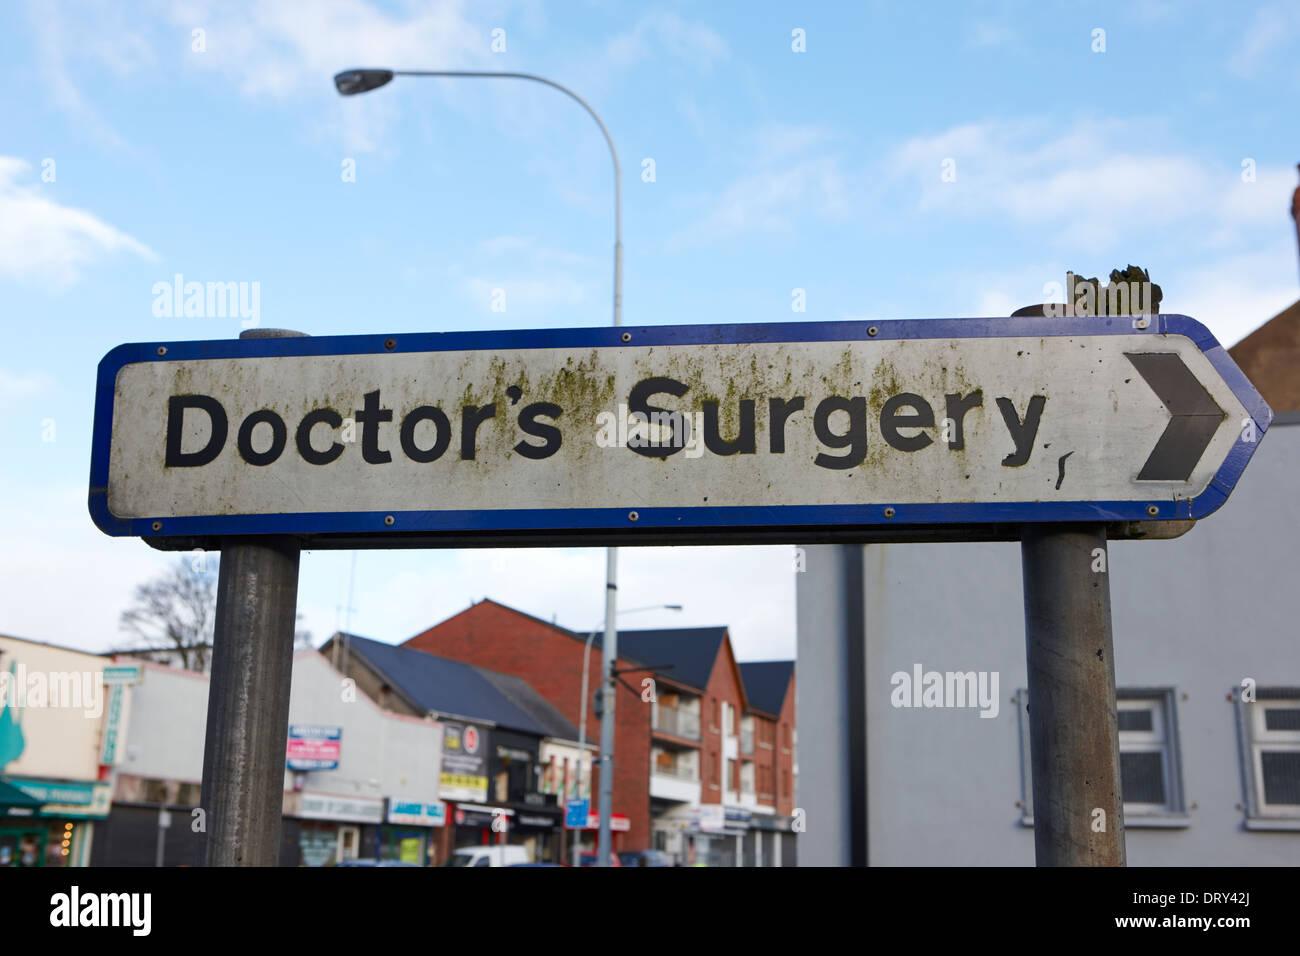 Inscrivez-vous pour une chirurgie médecins locaux dunmurry Belfast Royaume-Uni Photo Stock